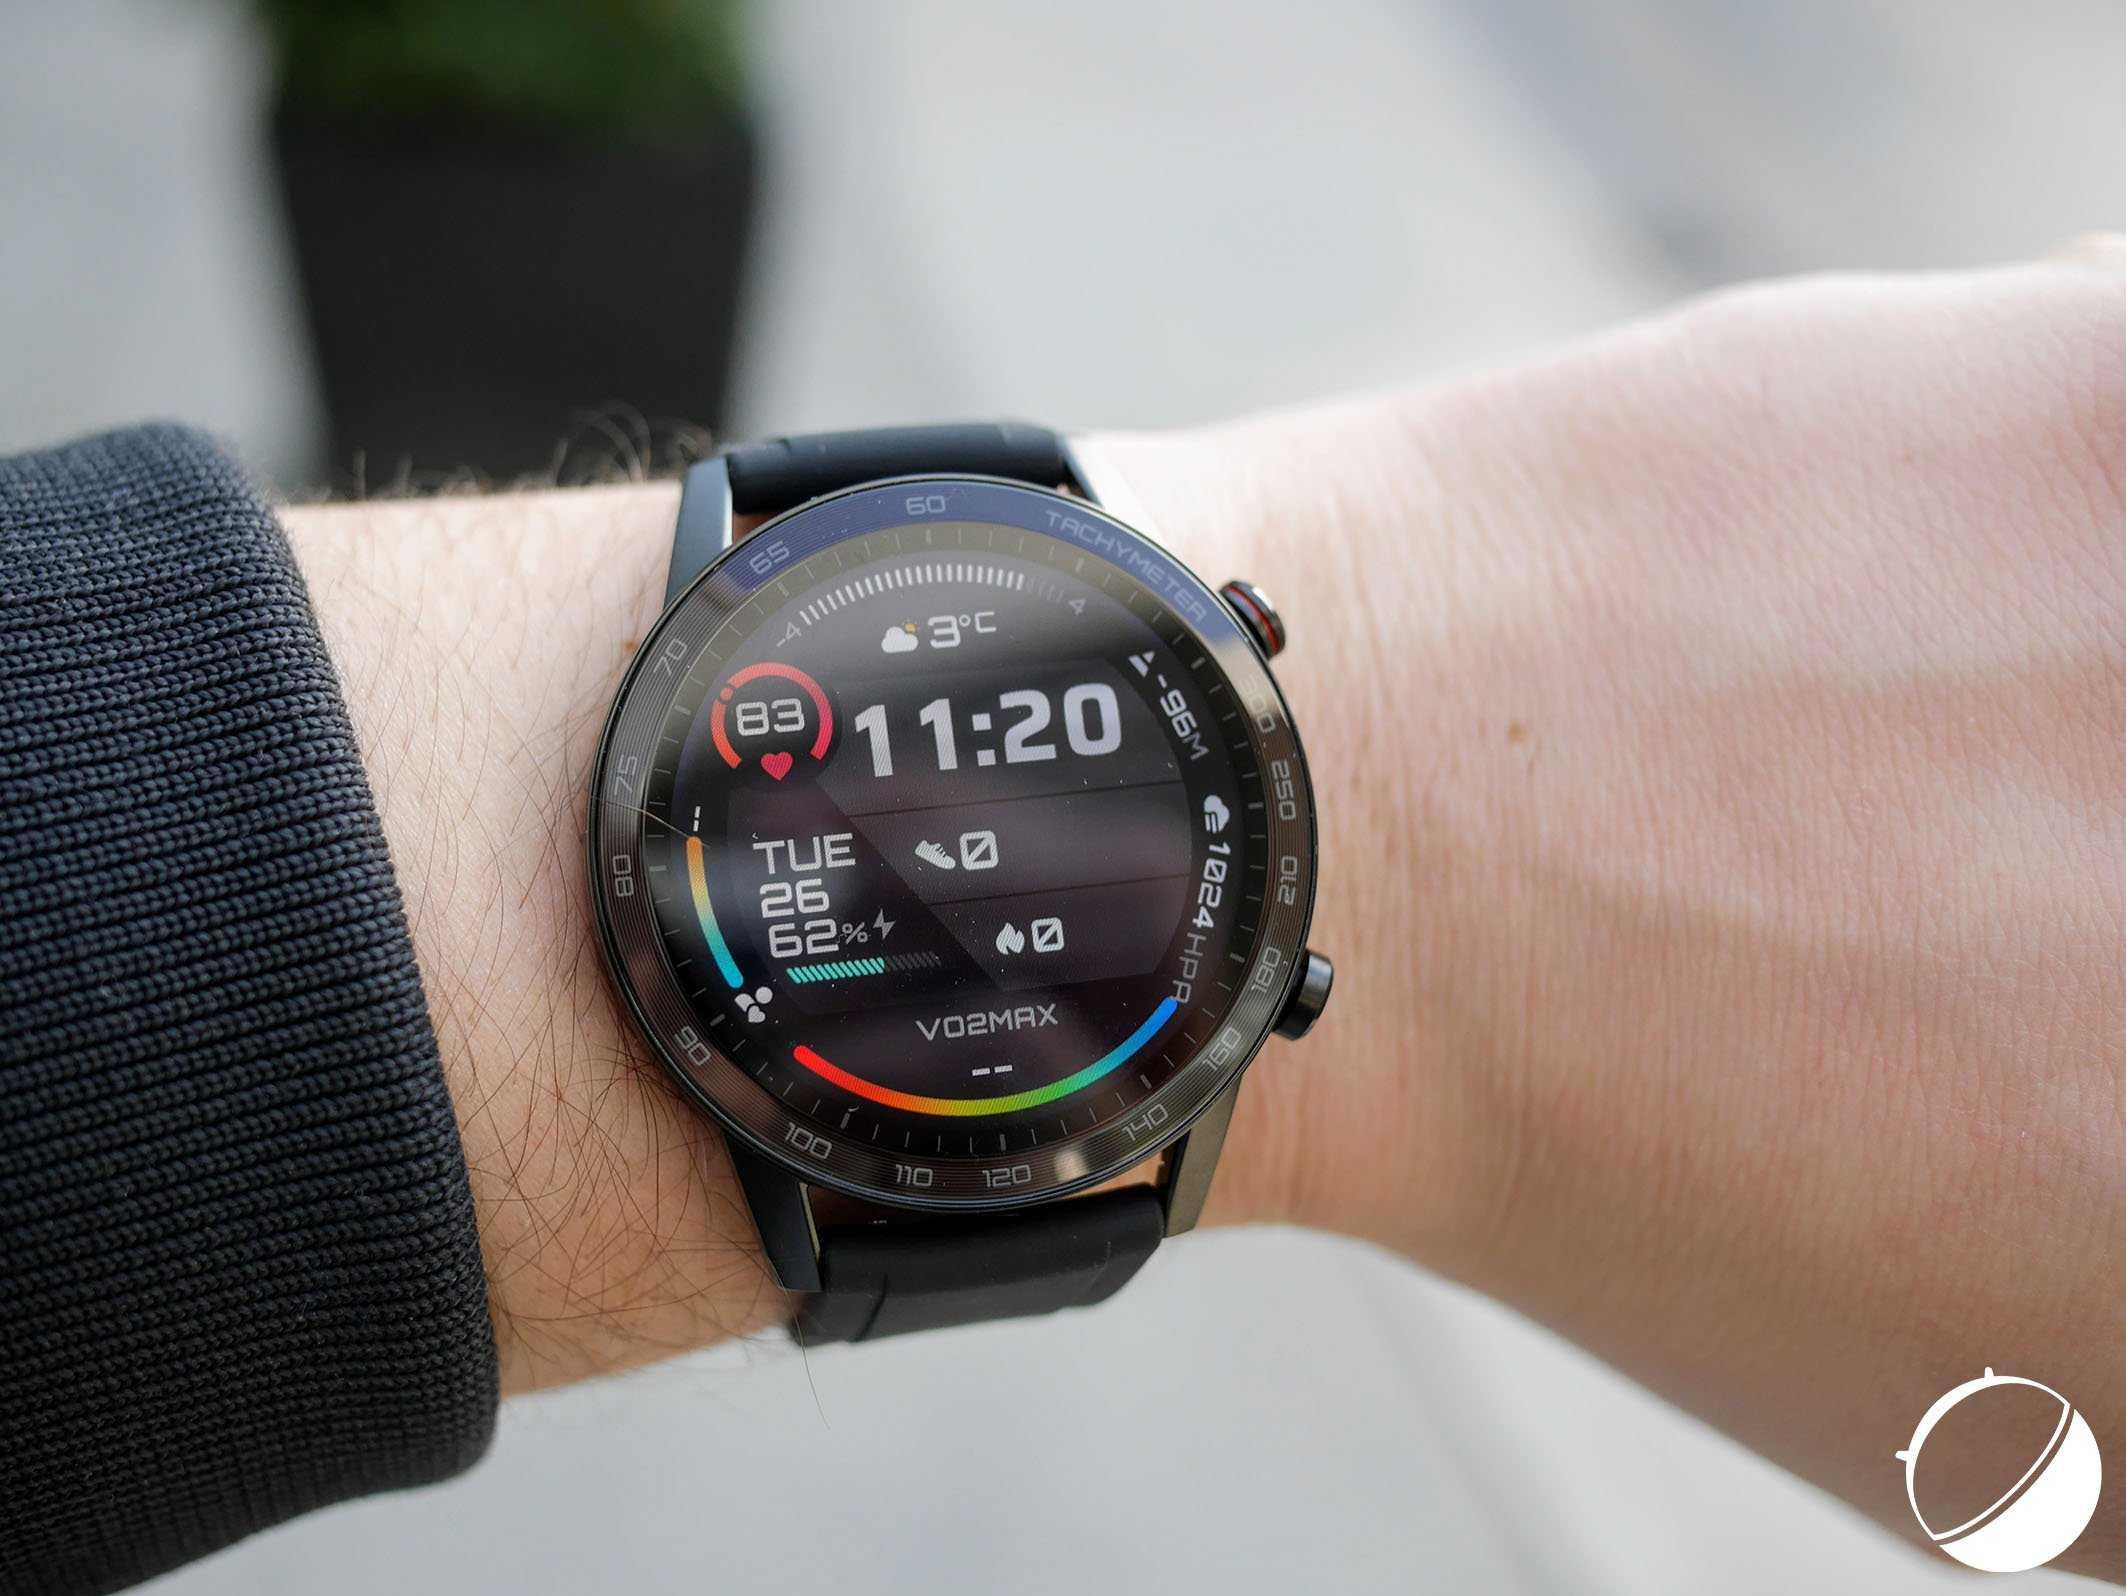 Huawei watch gt 2 / honor magic watch 2 - советы и хитрости